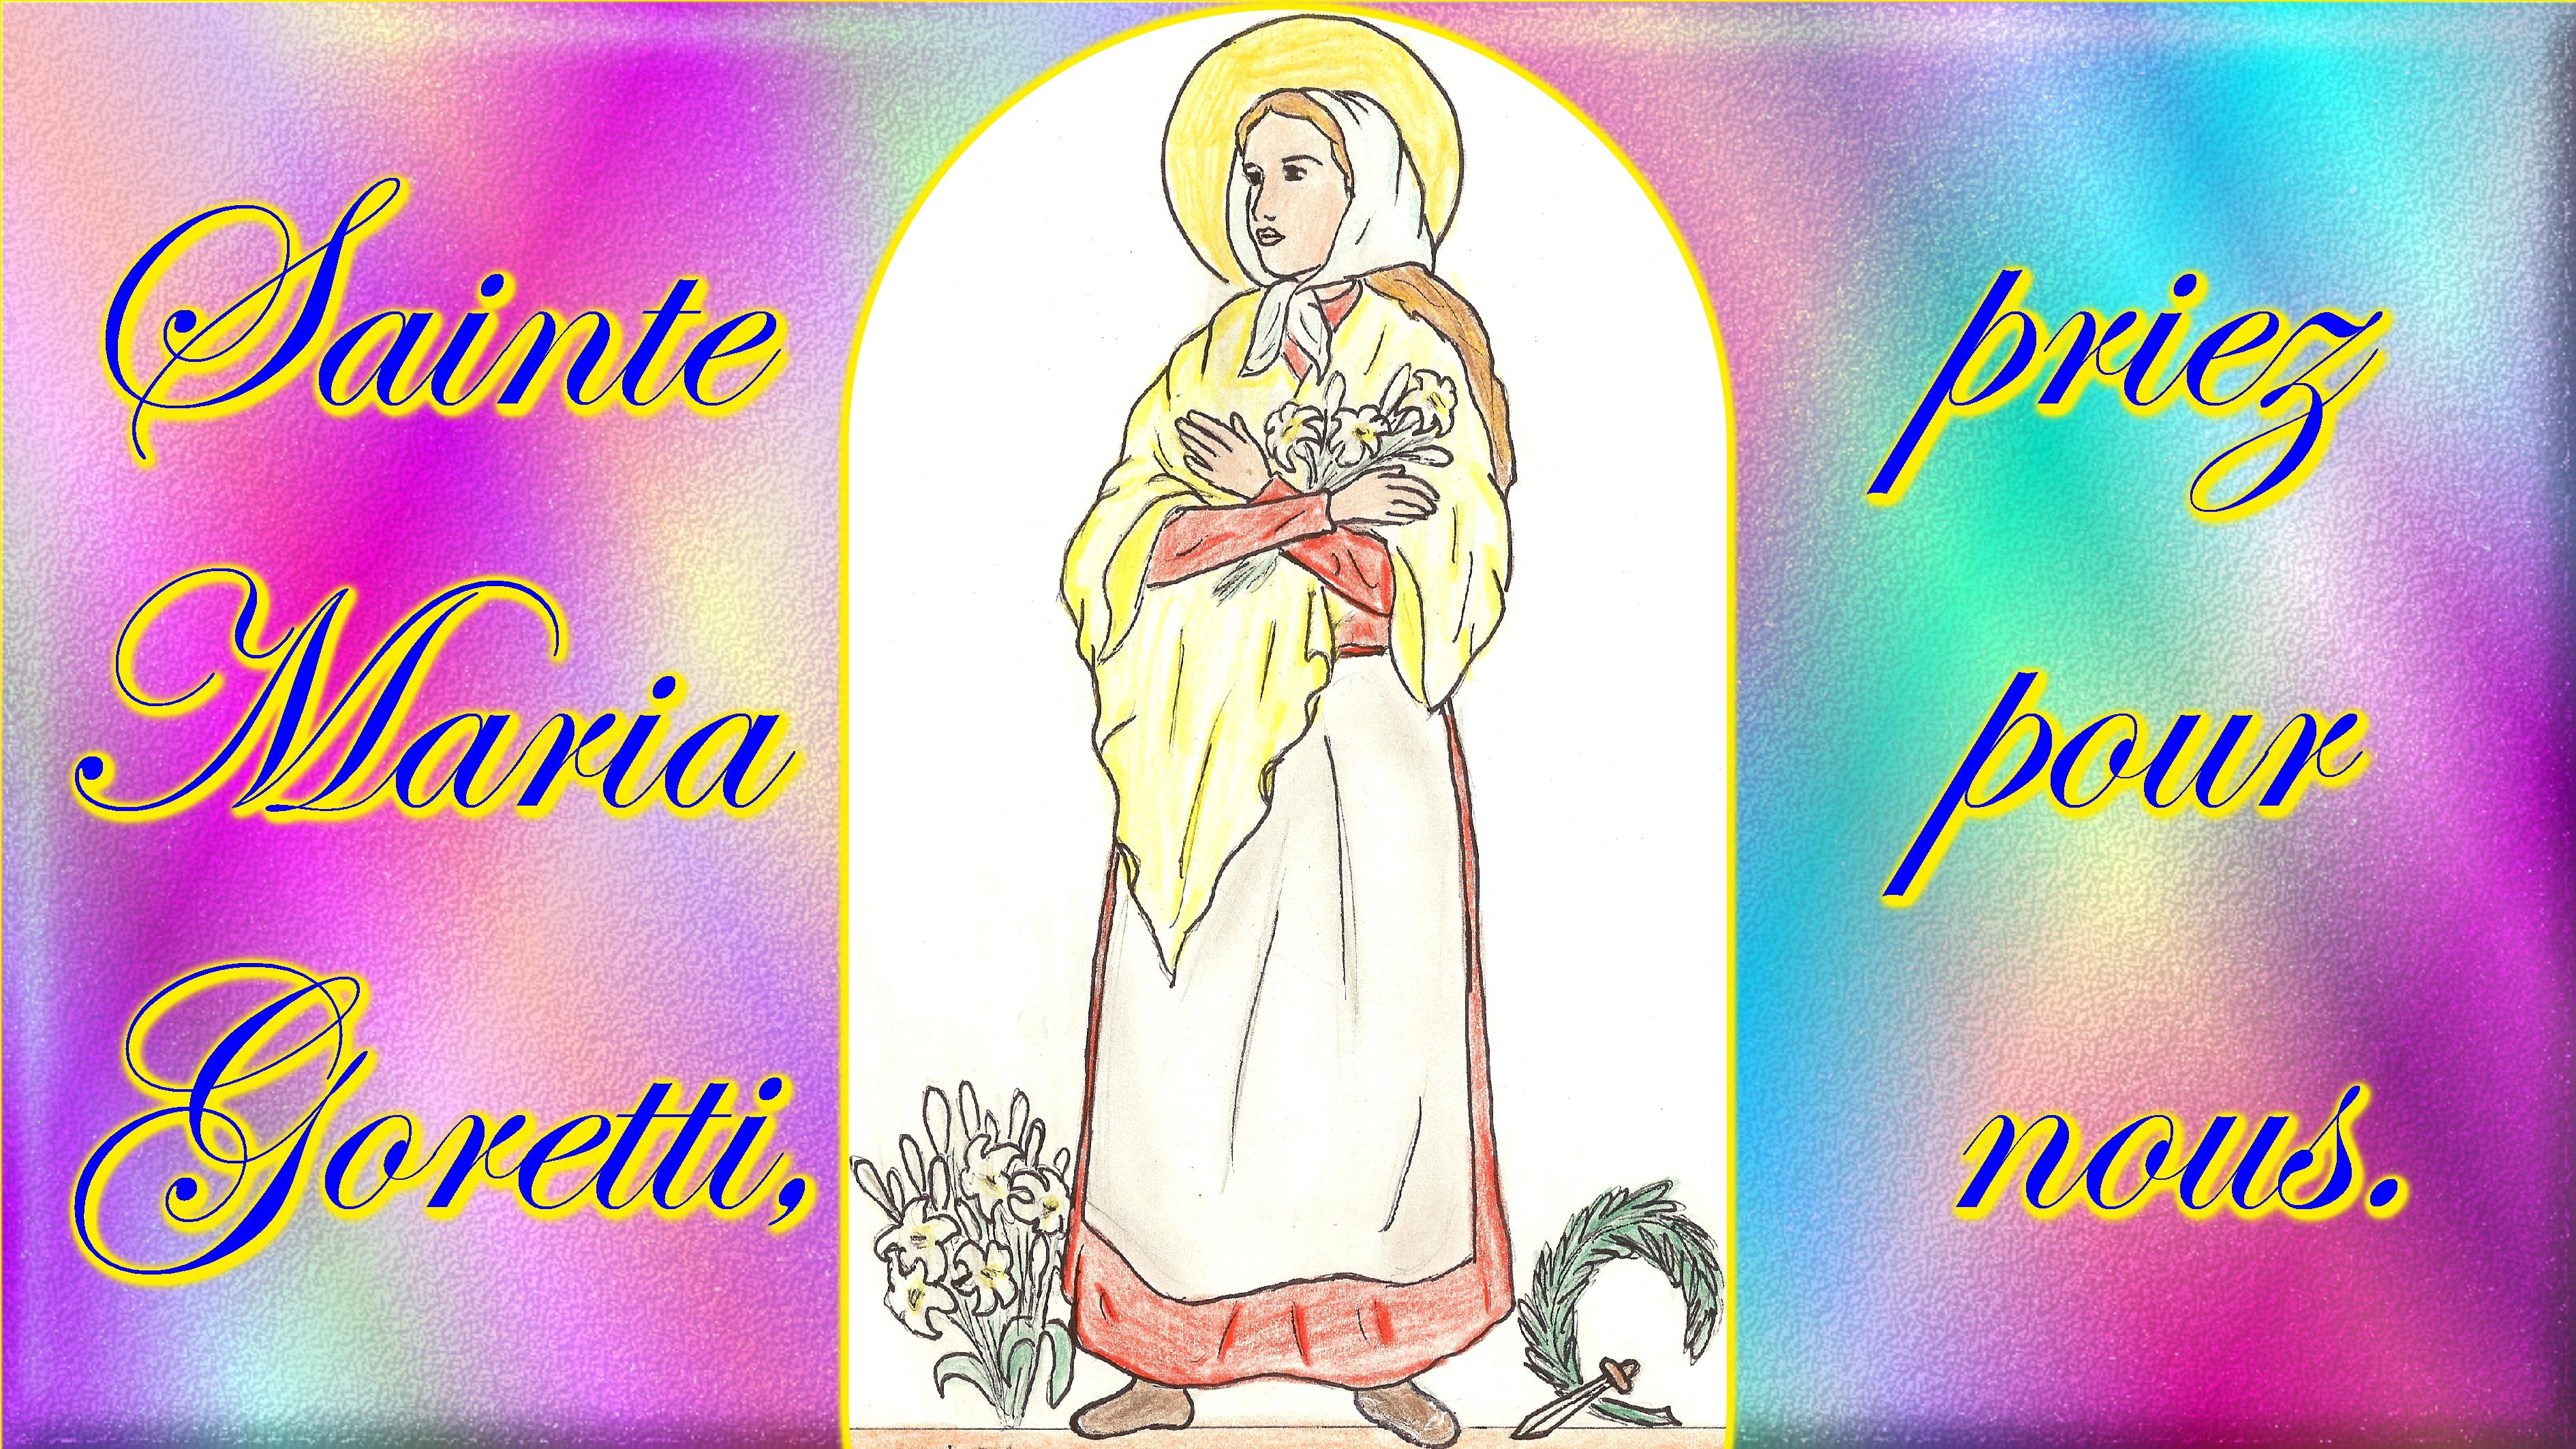 CALENDRIER CATHOLIQUE 2020 (Cantiques, Prières & Images) - Page 19 Ste-maria-goretti-5788a0d